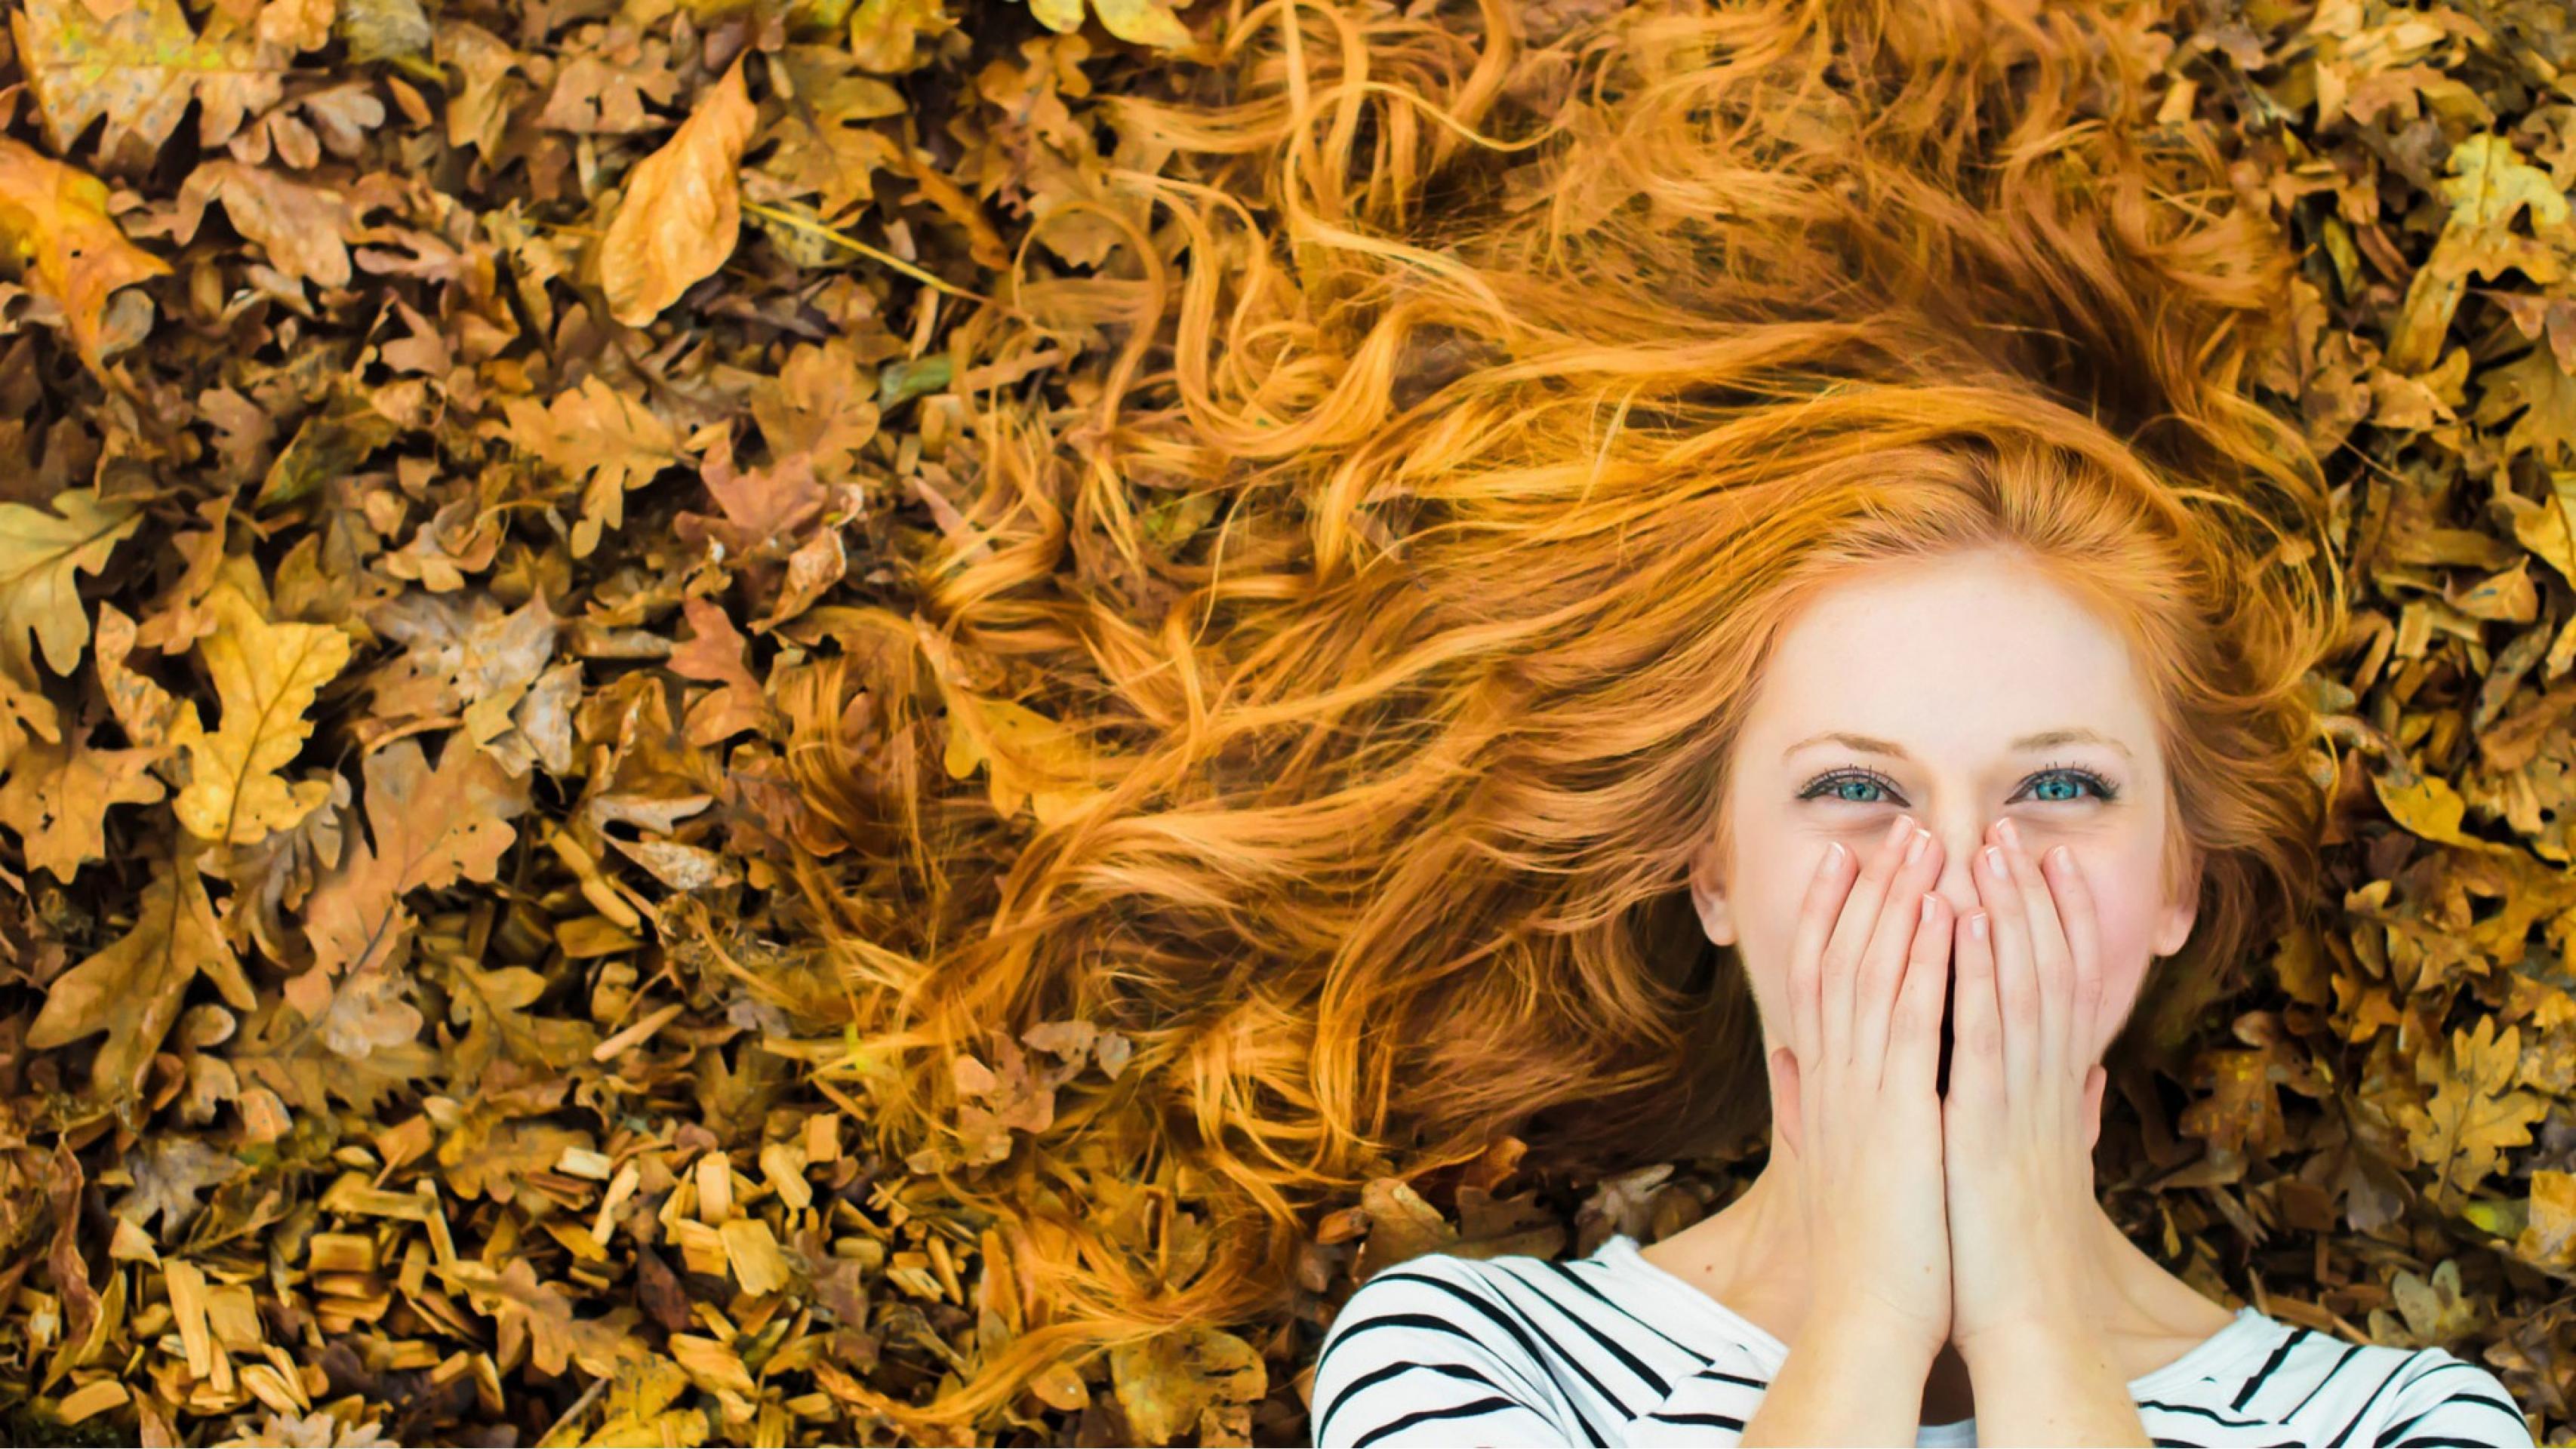 Уход за волосами осенью: подборка косметики и советы от экспертов